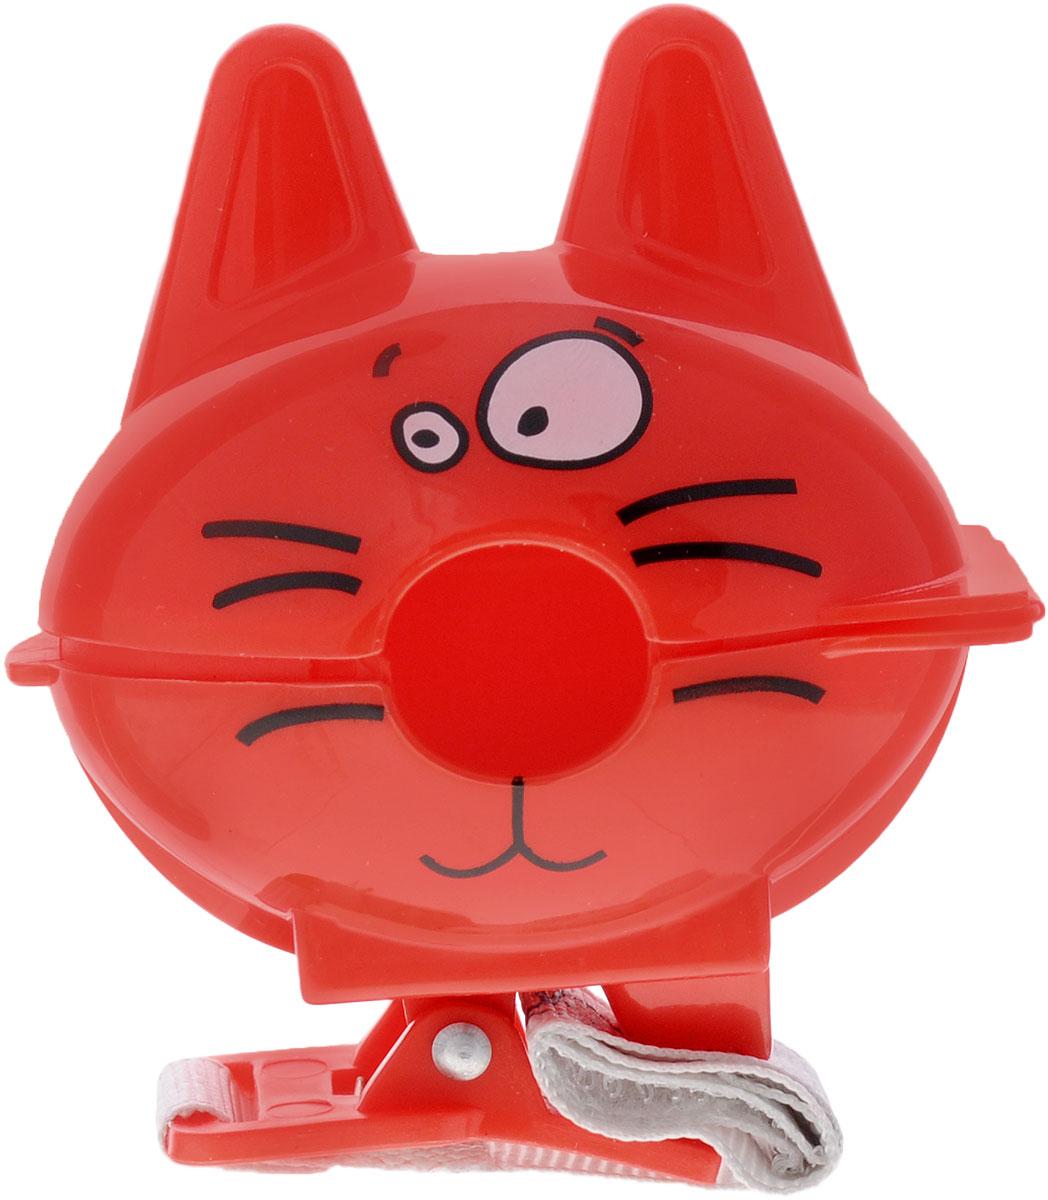 Bebe Confort Футляр-клипса для пустышки Котик цвет красный, Dorel France S.A.